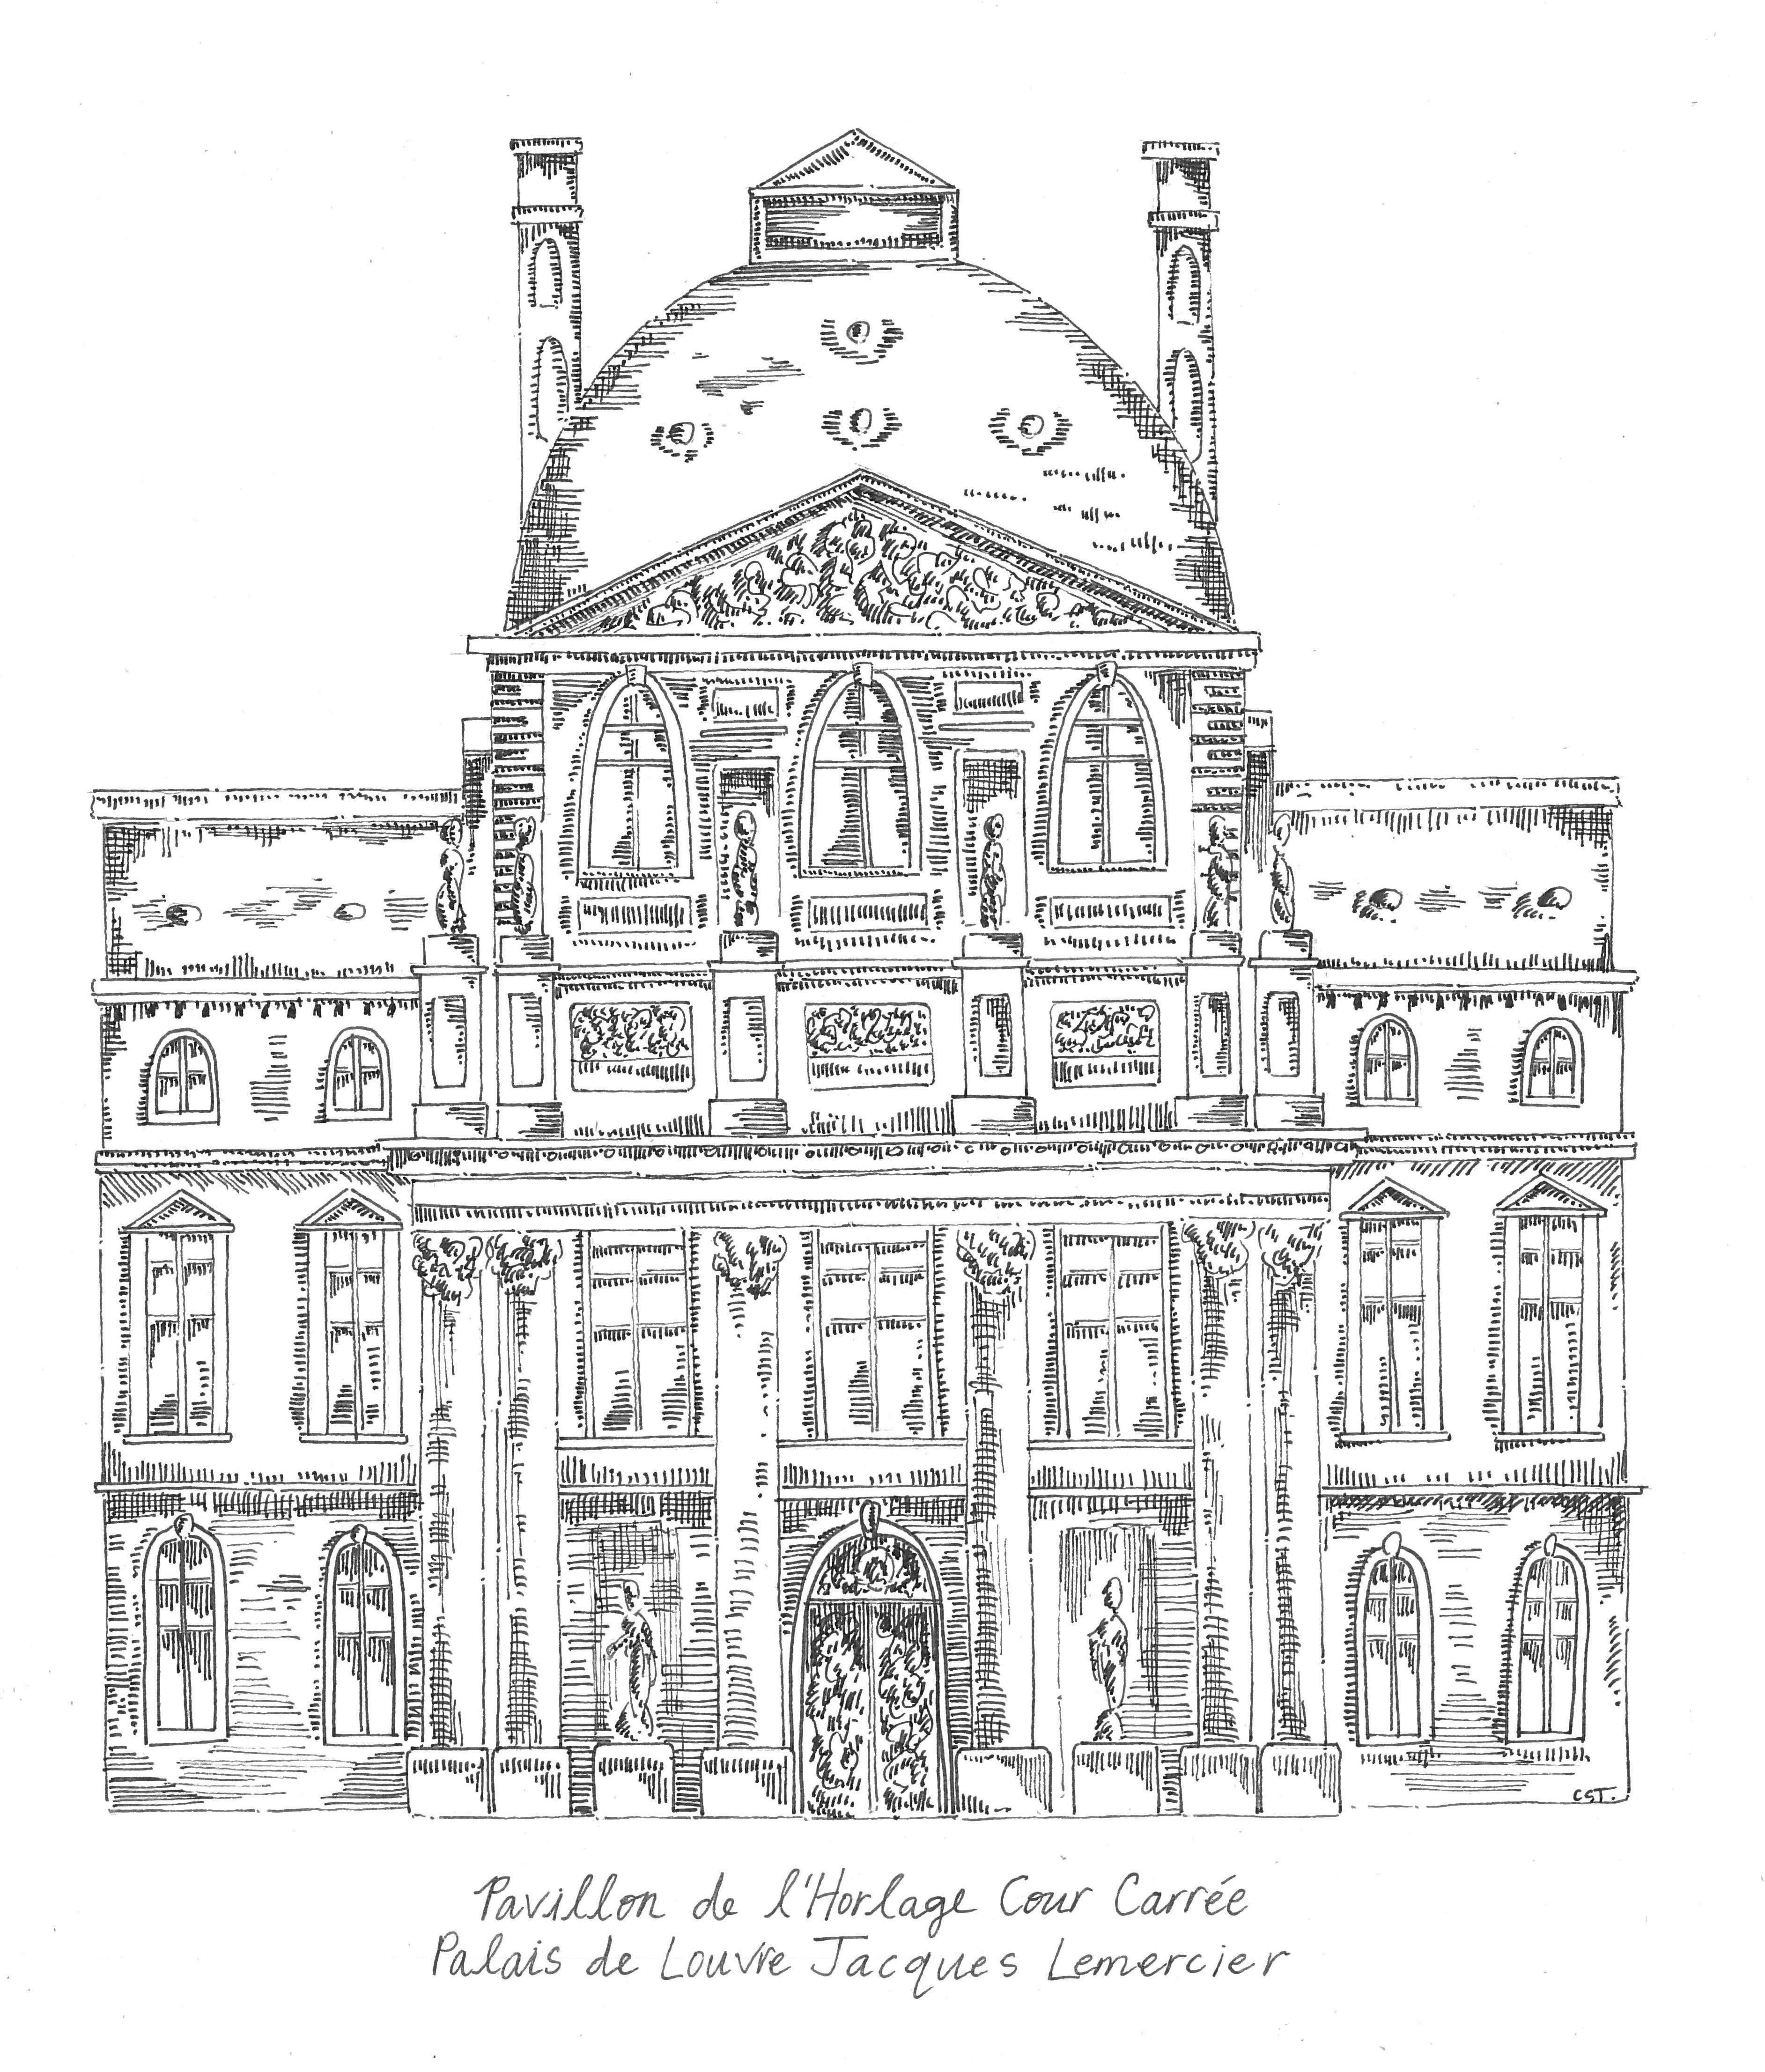 INK Pavillon de l'Horlange Cour Carree, Nicola Architecture Rendering